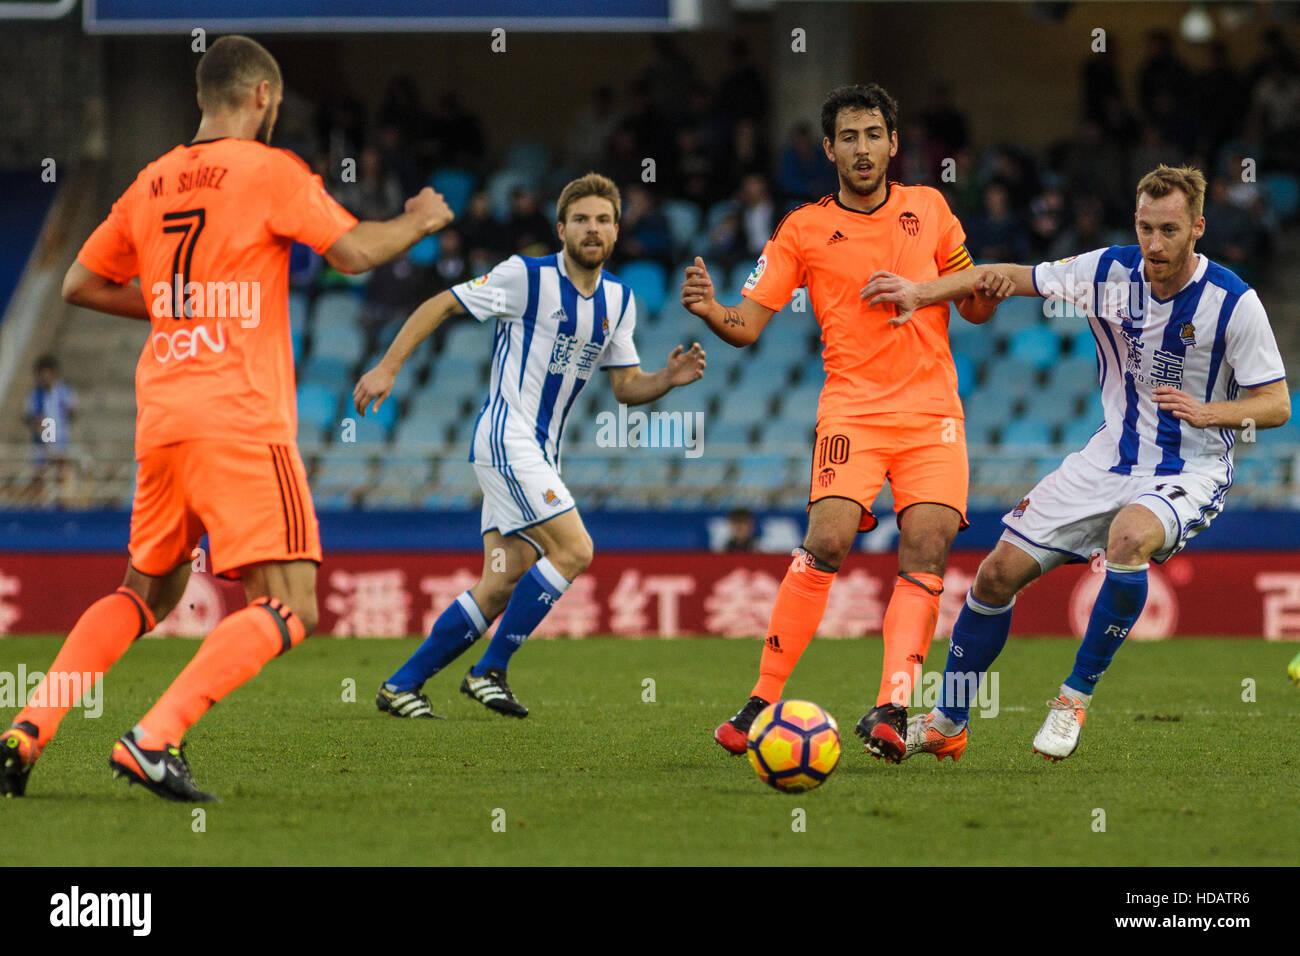 San Sebastian, Gipuzcoa, Spain. 10th December, 2016. Valencia midfielder Parejo under pressure during the Liga Santander - Stock Image